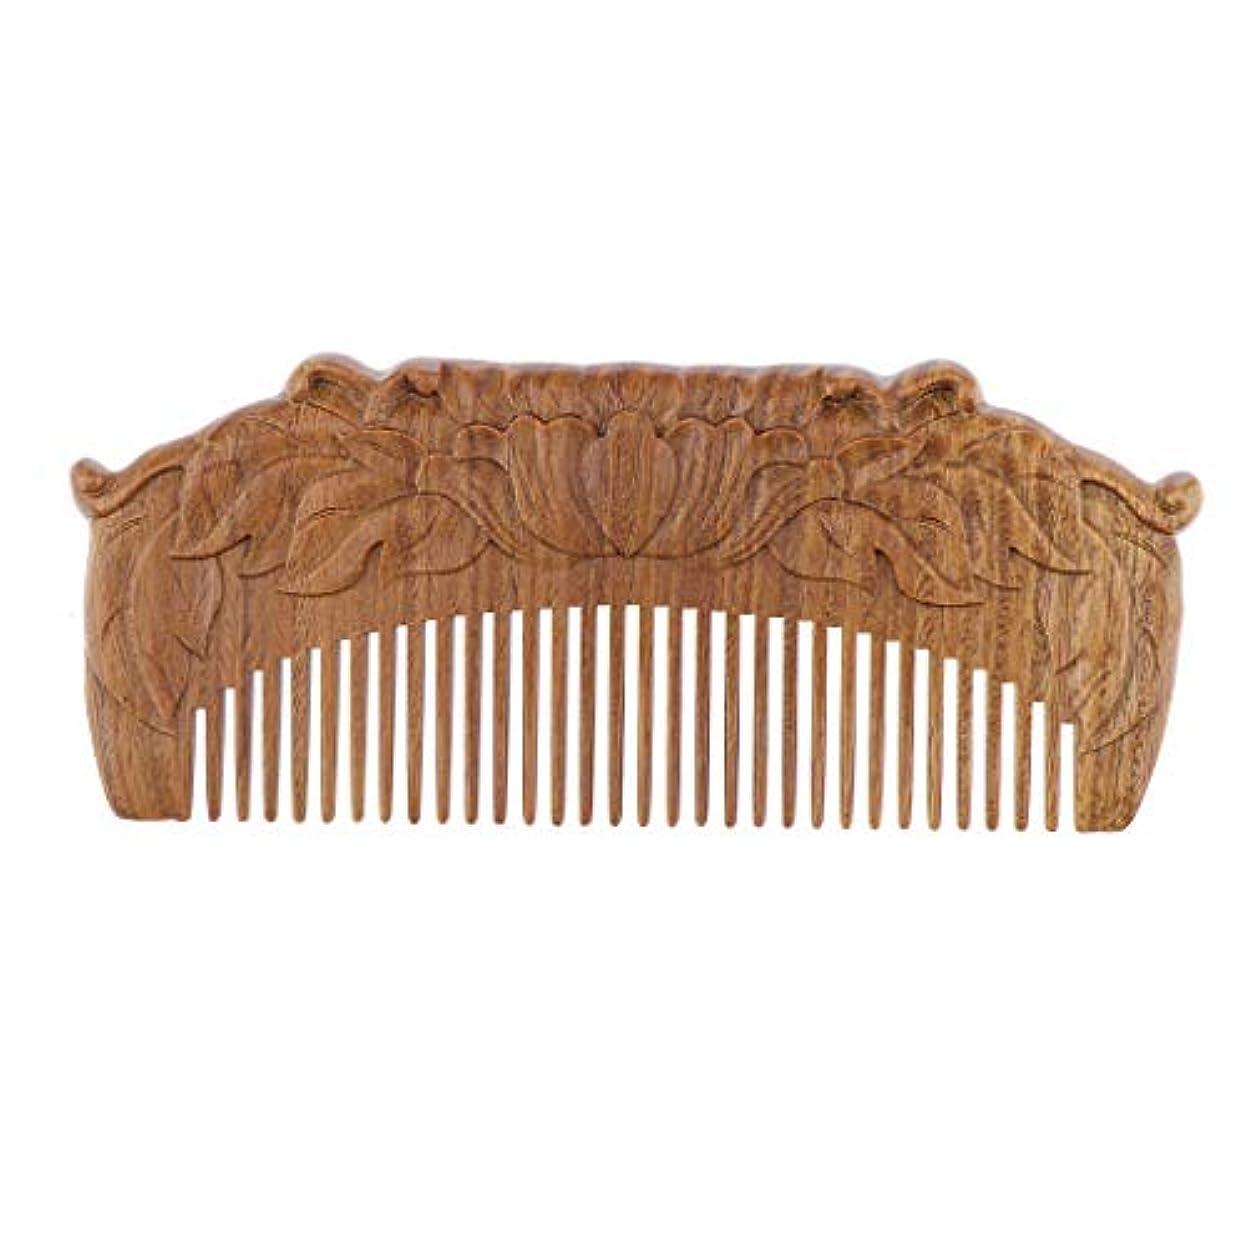 書き込み物語後世B Blesiya 木製櫛 ヘアコーム ヘアブラシ 天然木 手作り プレゼント